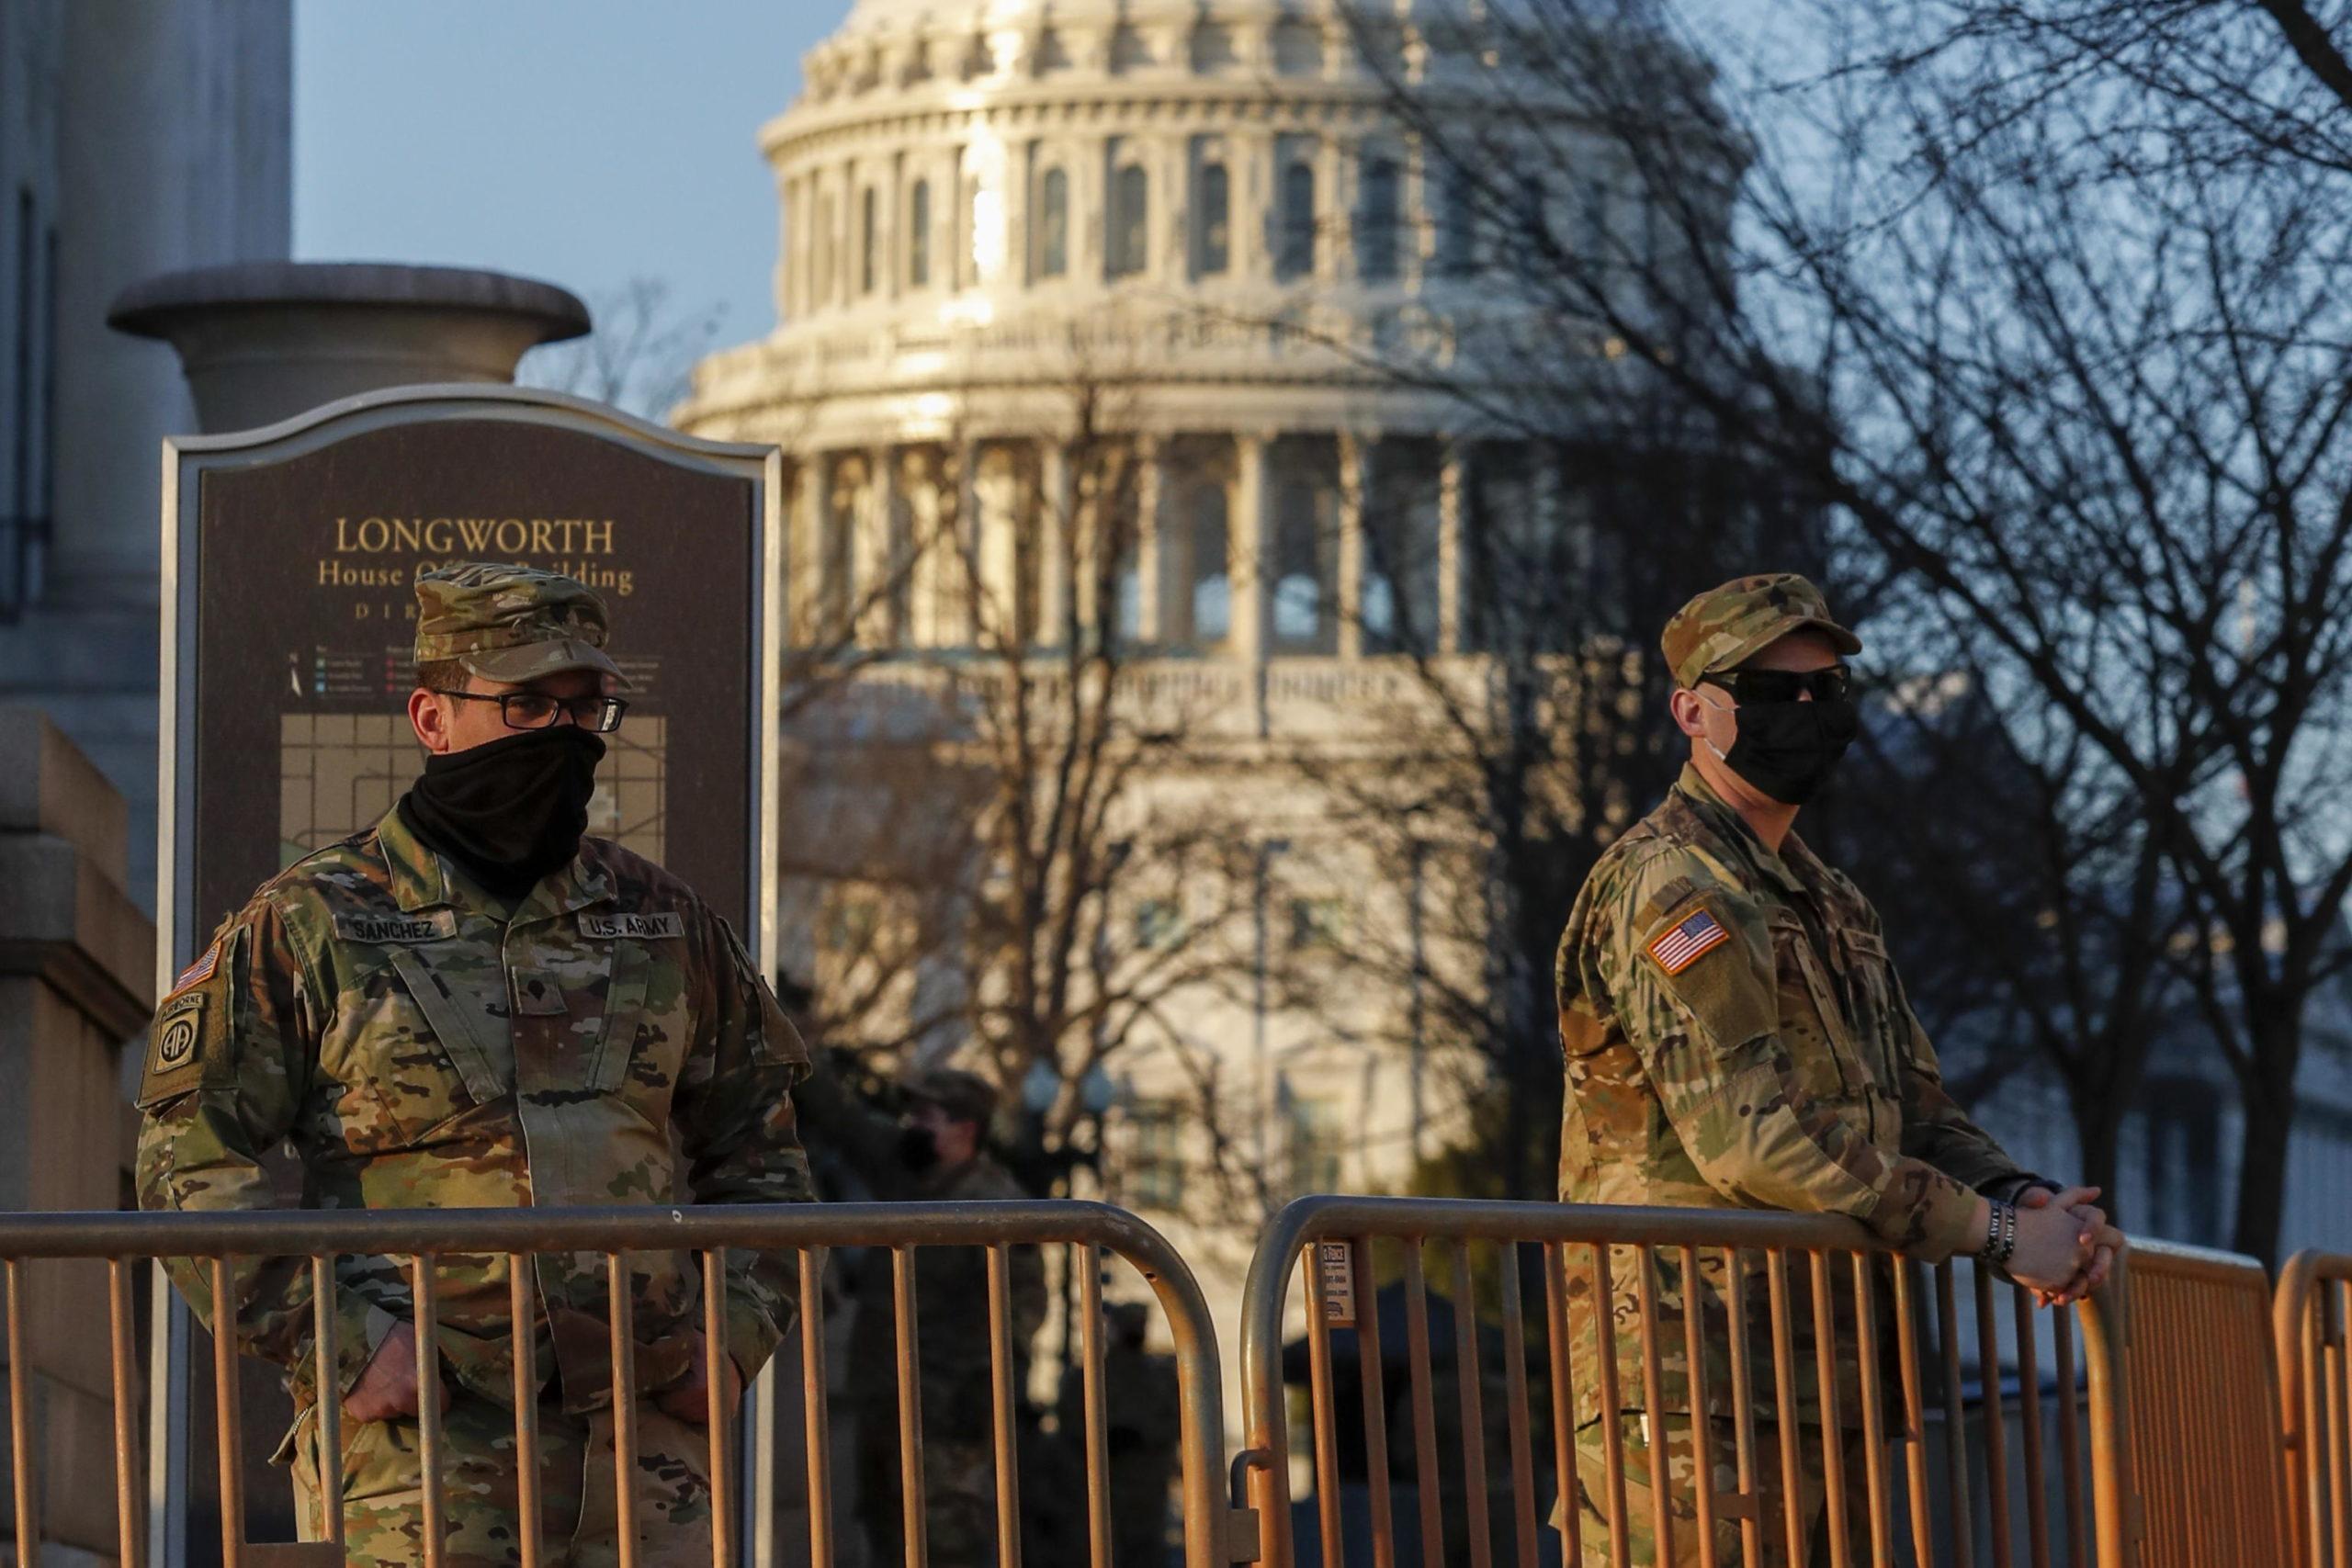 Soldati dietro le transenne per impedire a chiunque l'ingresso alla zona militarizzata